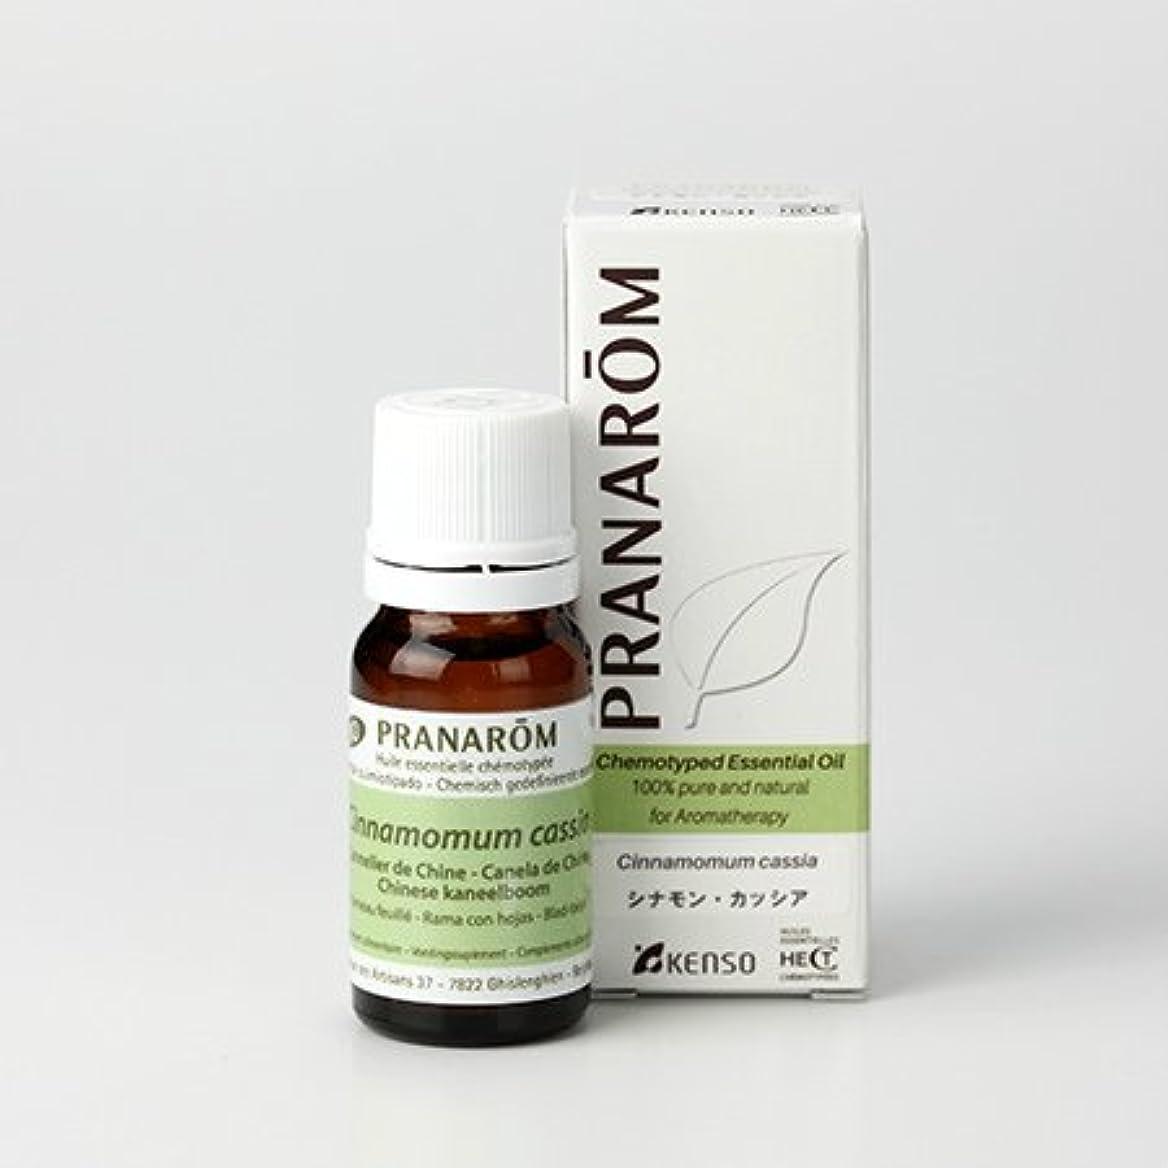 消化送金対処するプラナロム シナモンカッシア 10ml (PRANAROM ケモタイプ精油)